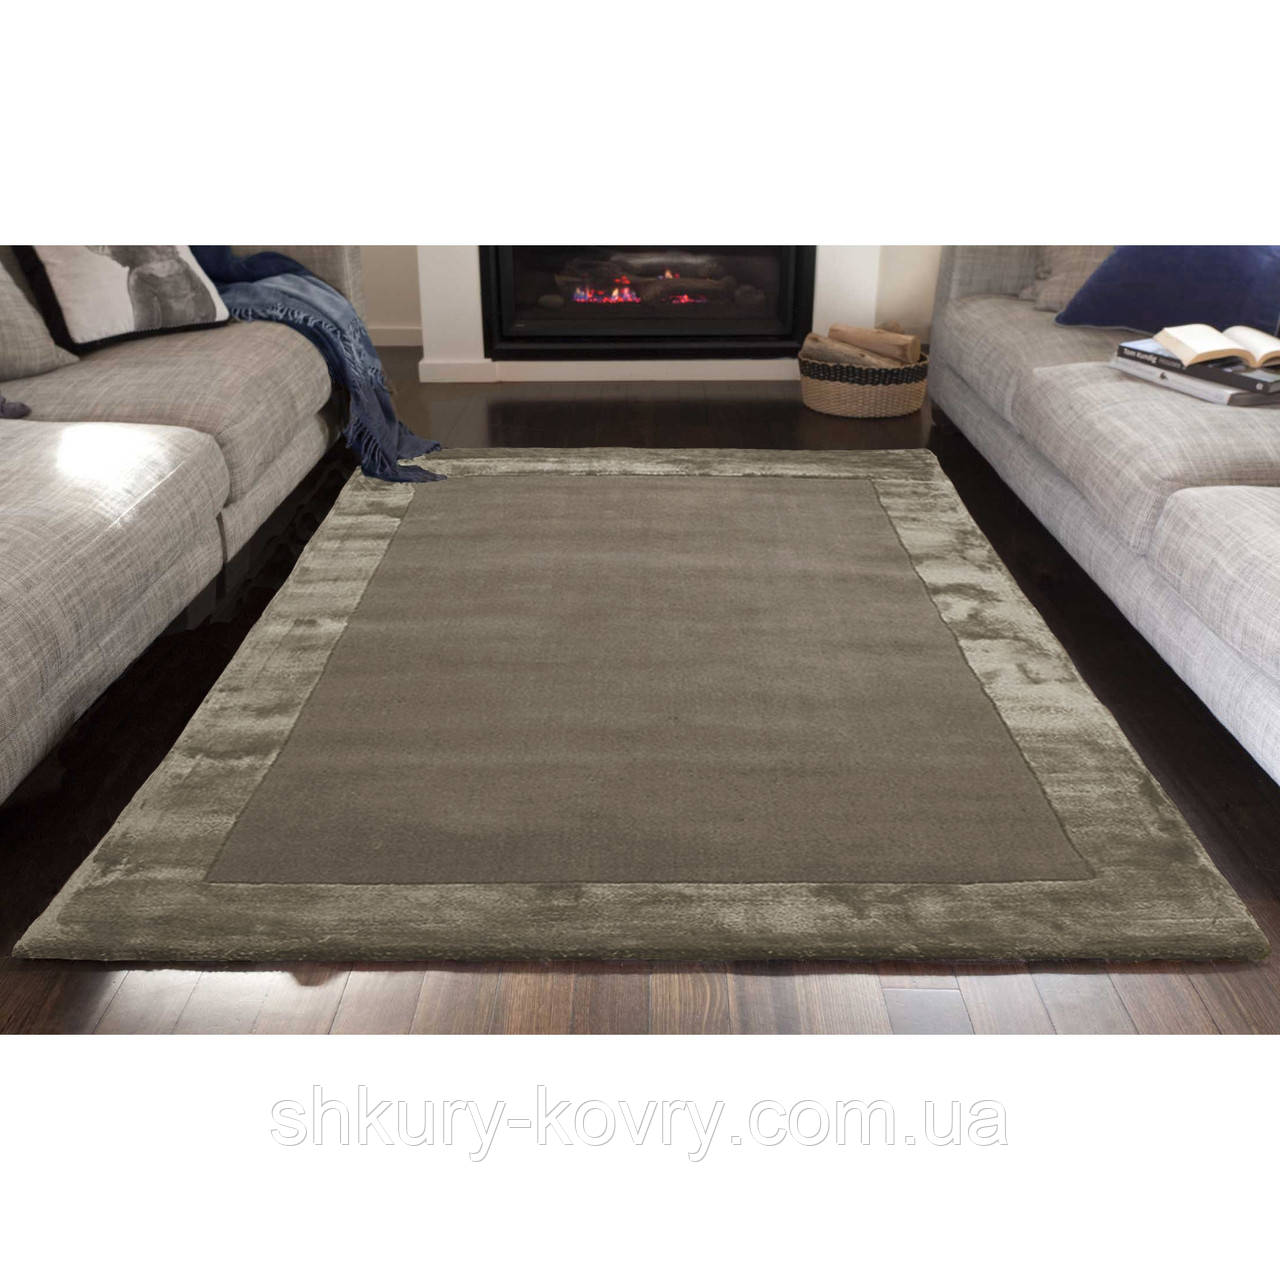 Комбинированые ковры из шерсти и вискозы бежевые